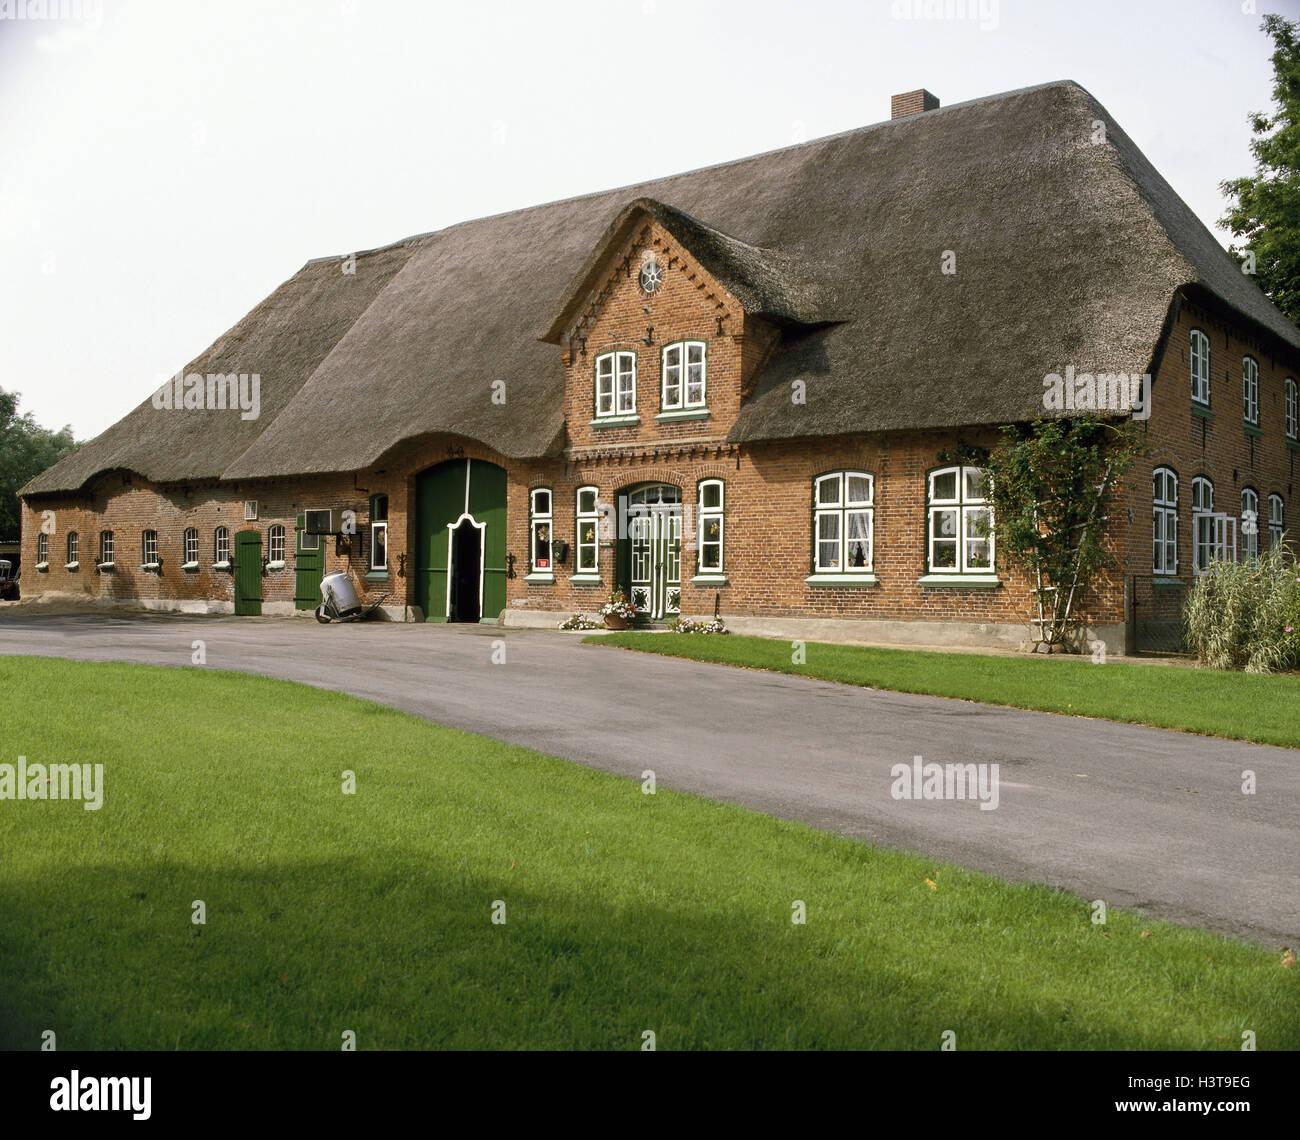 Kiel Architektur deutschland schleswig holstein bauernhof in der nähe kiel